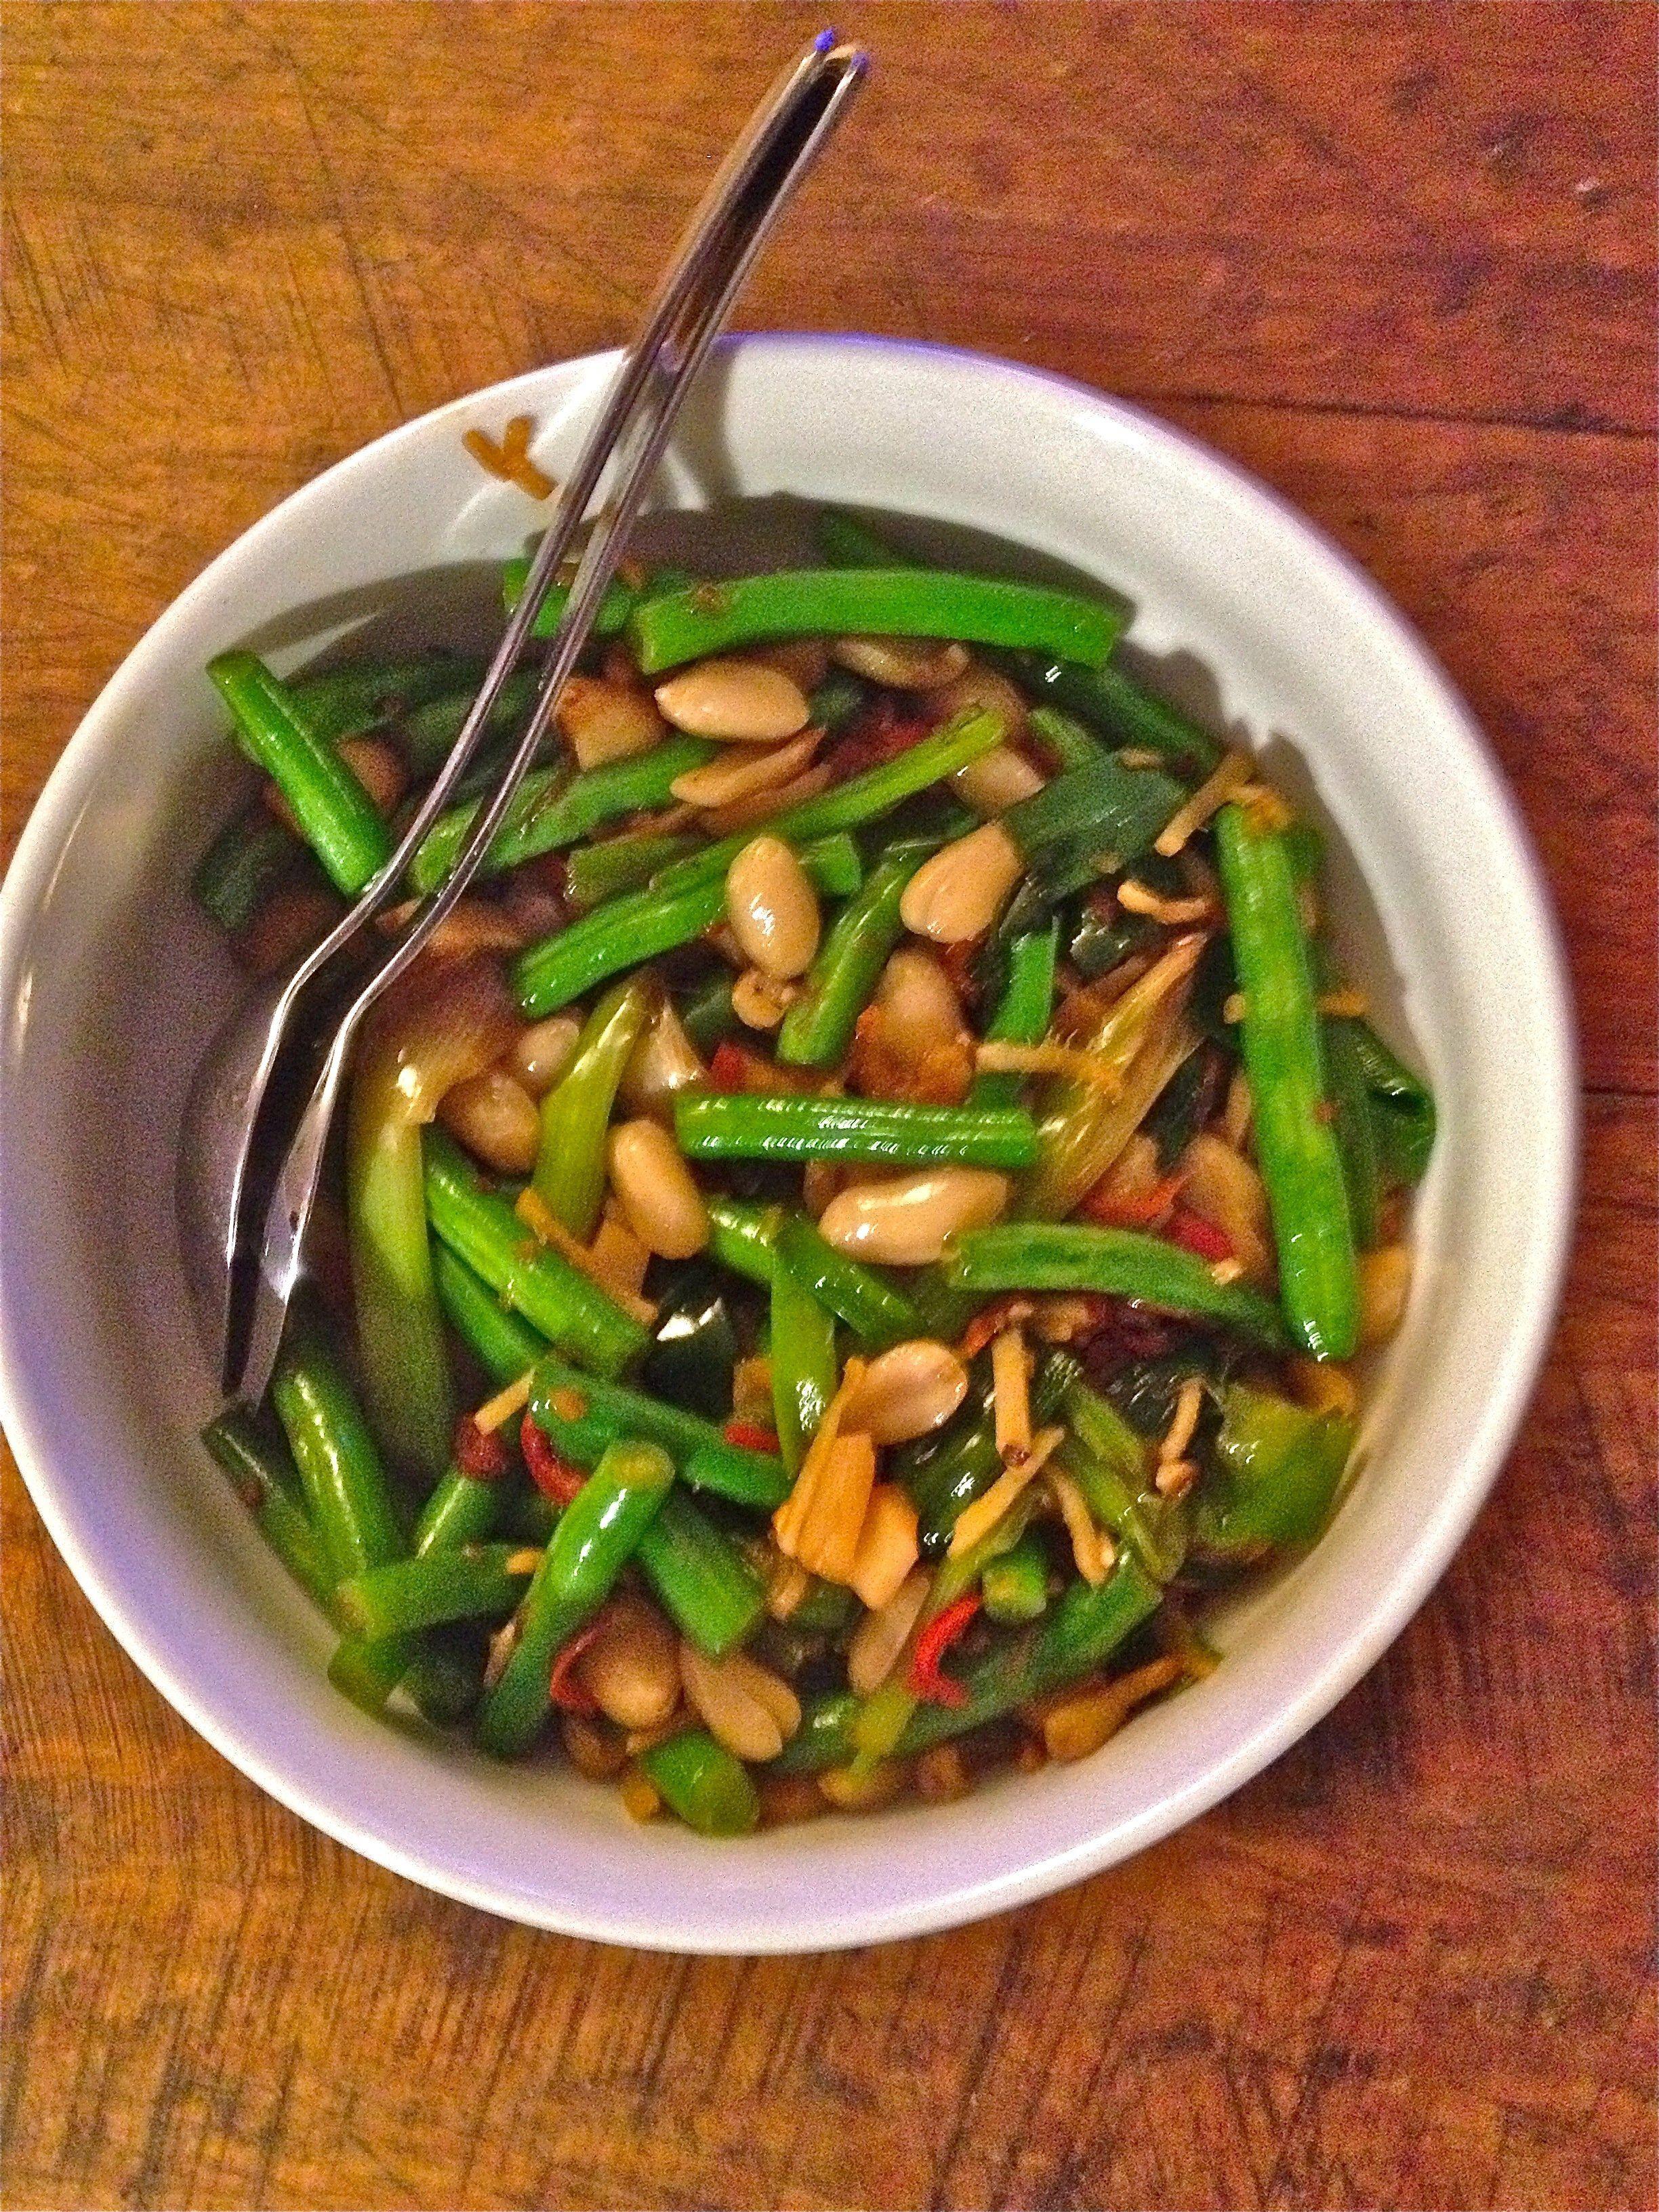 Asian rice seasoning